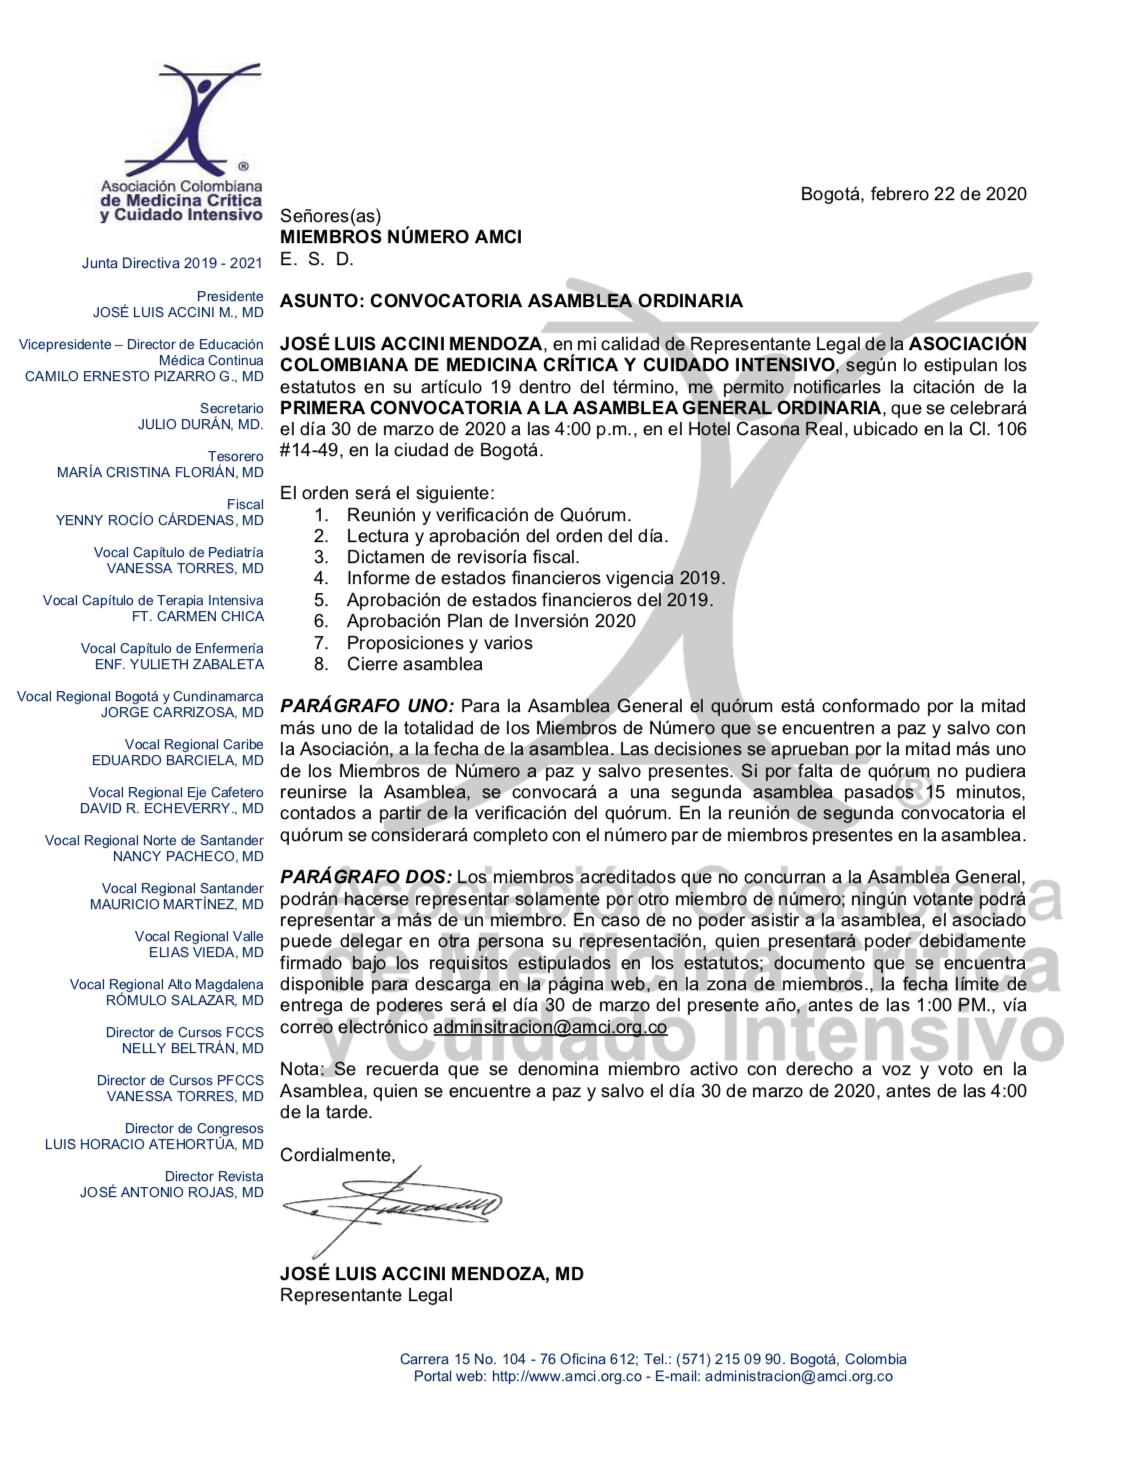 Convocatoria Asamblea General Ordinaria 30 de marzo-2020